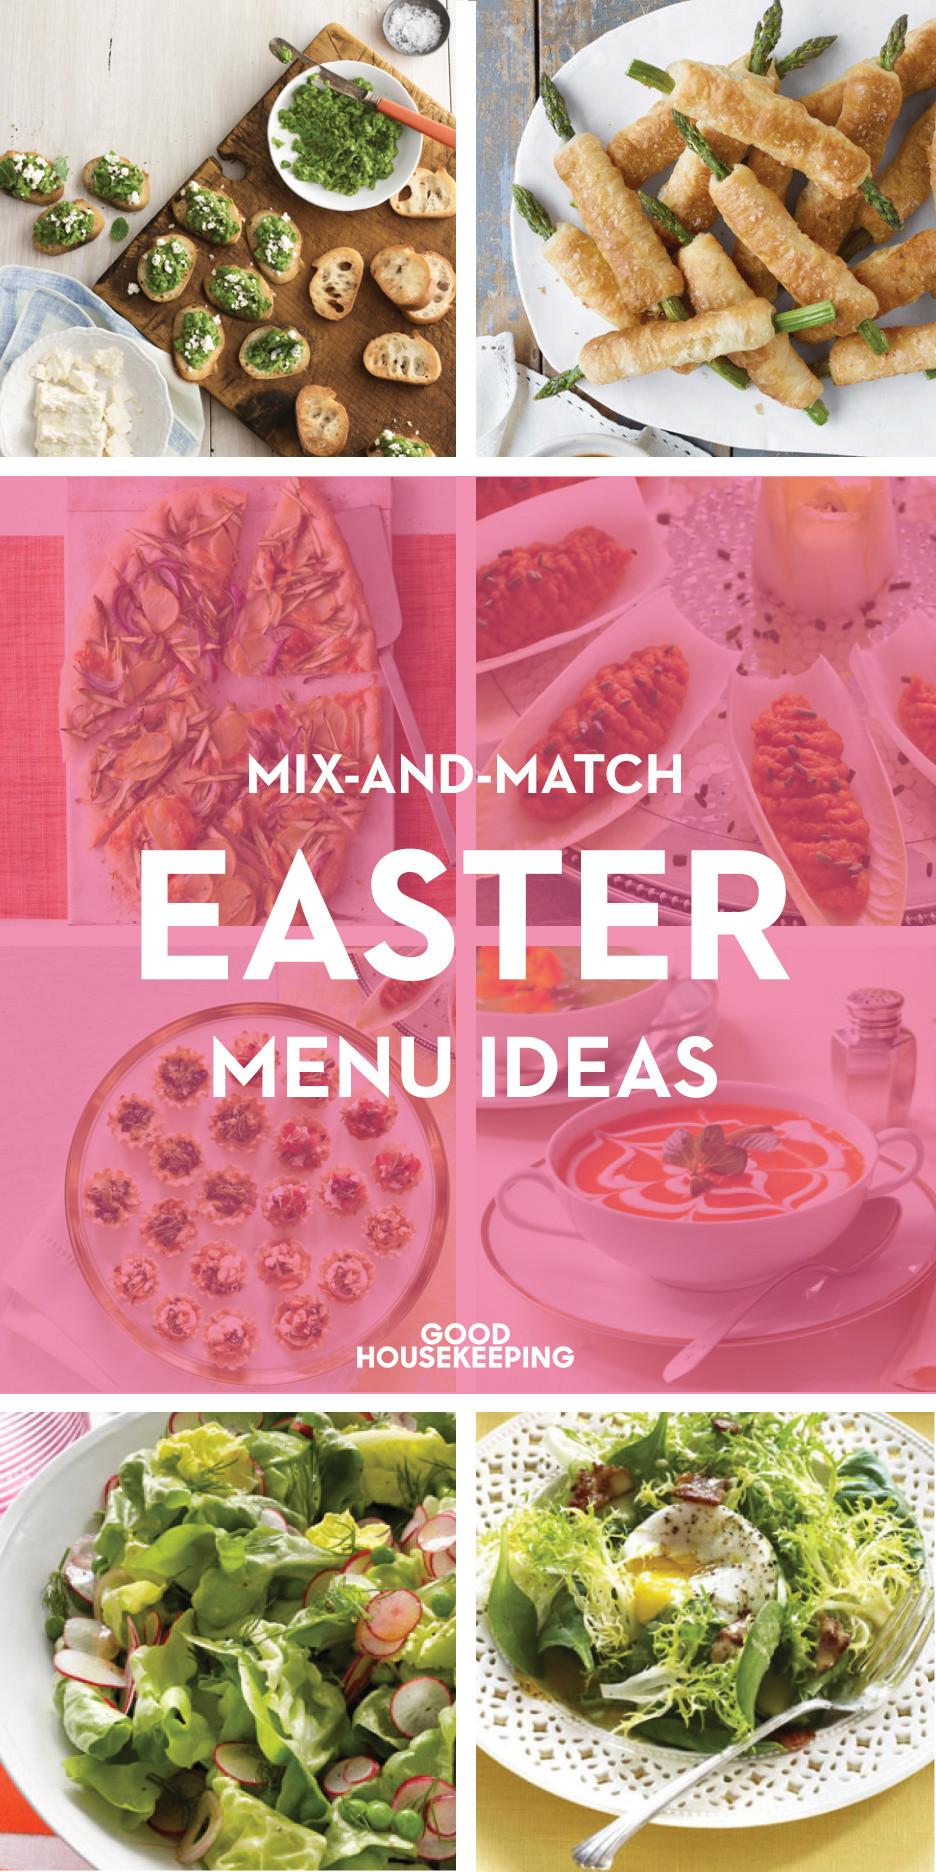 Simple Easter Dinner Ideas  65 Easter Dinner Menu Ideas Easy Recipes for Easter Dinner